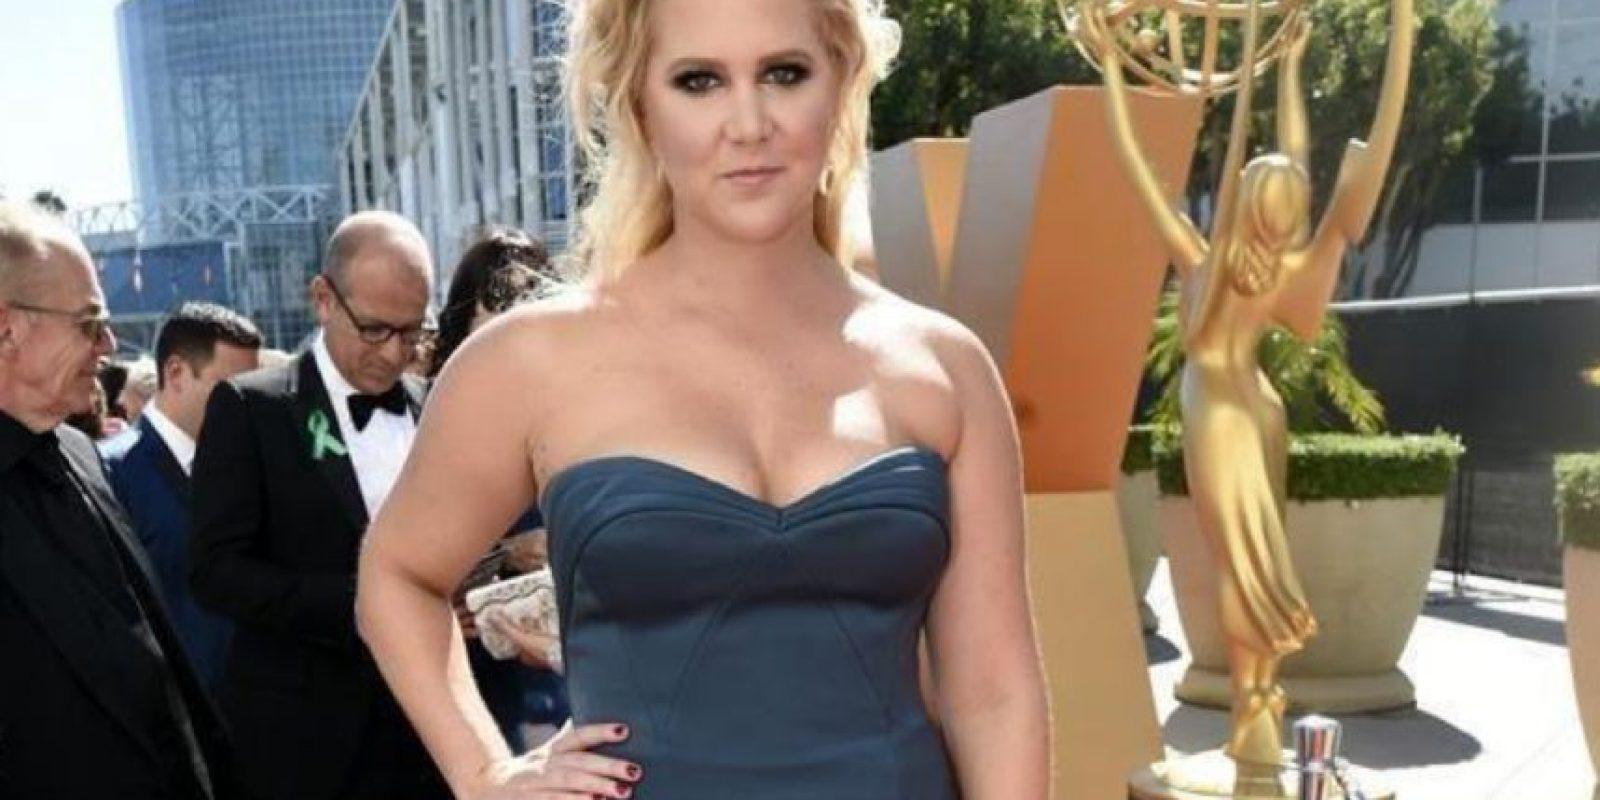 Parece que le hubiesen prestado ese vestido. Foto:vía Twitter